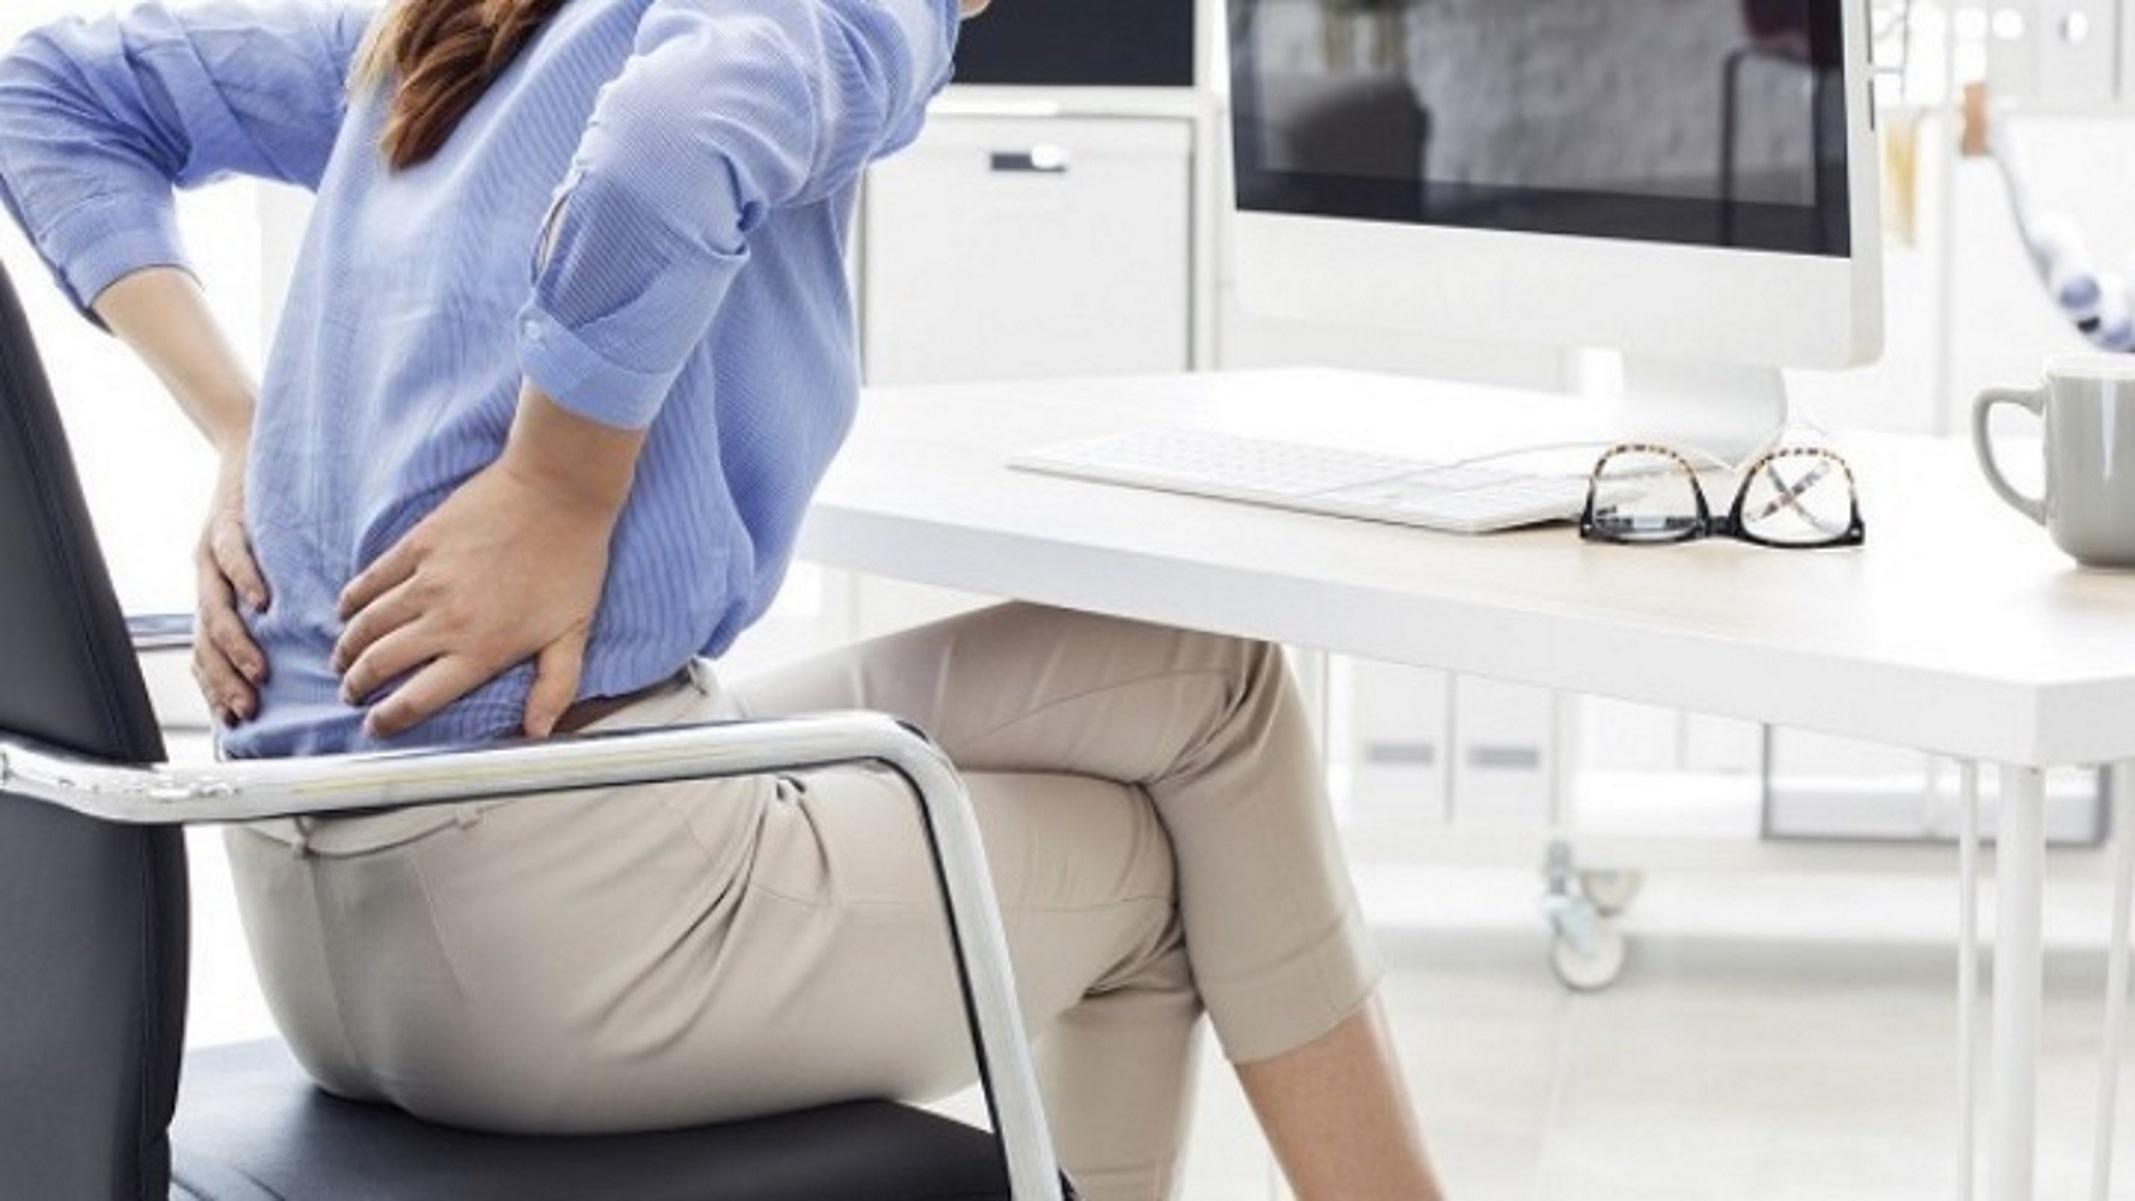 Πρώτο μικροσκοπικό φουσκωτό εμφύτευμα σπονδυλικής στήλης ενάντια στους σοβαρούς πόνους